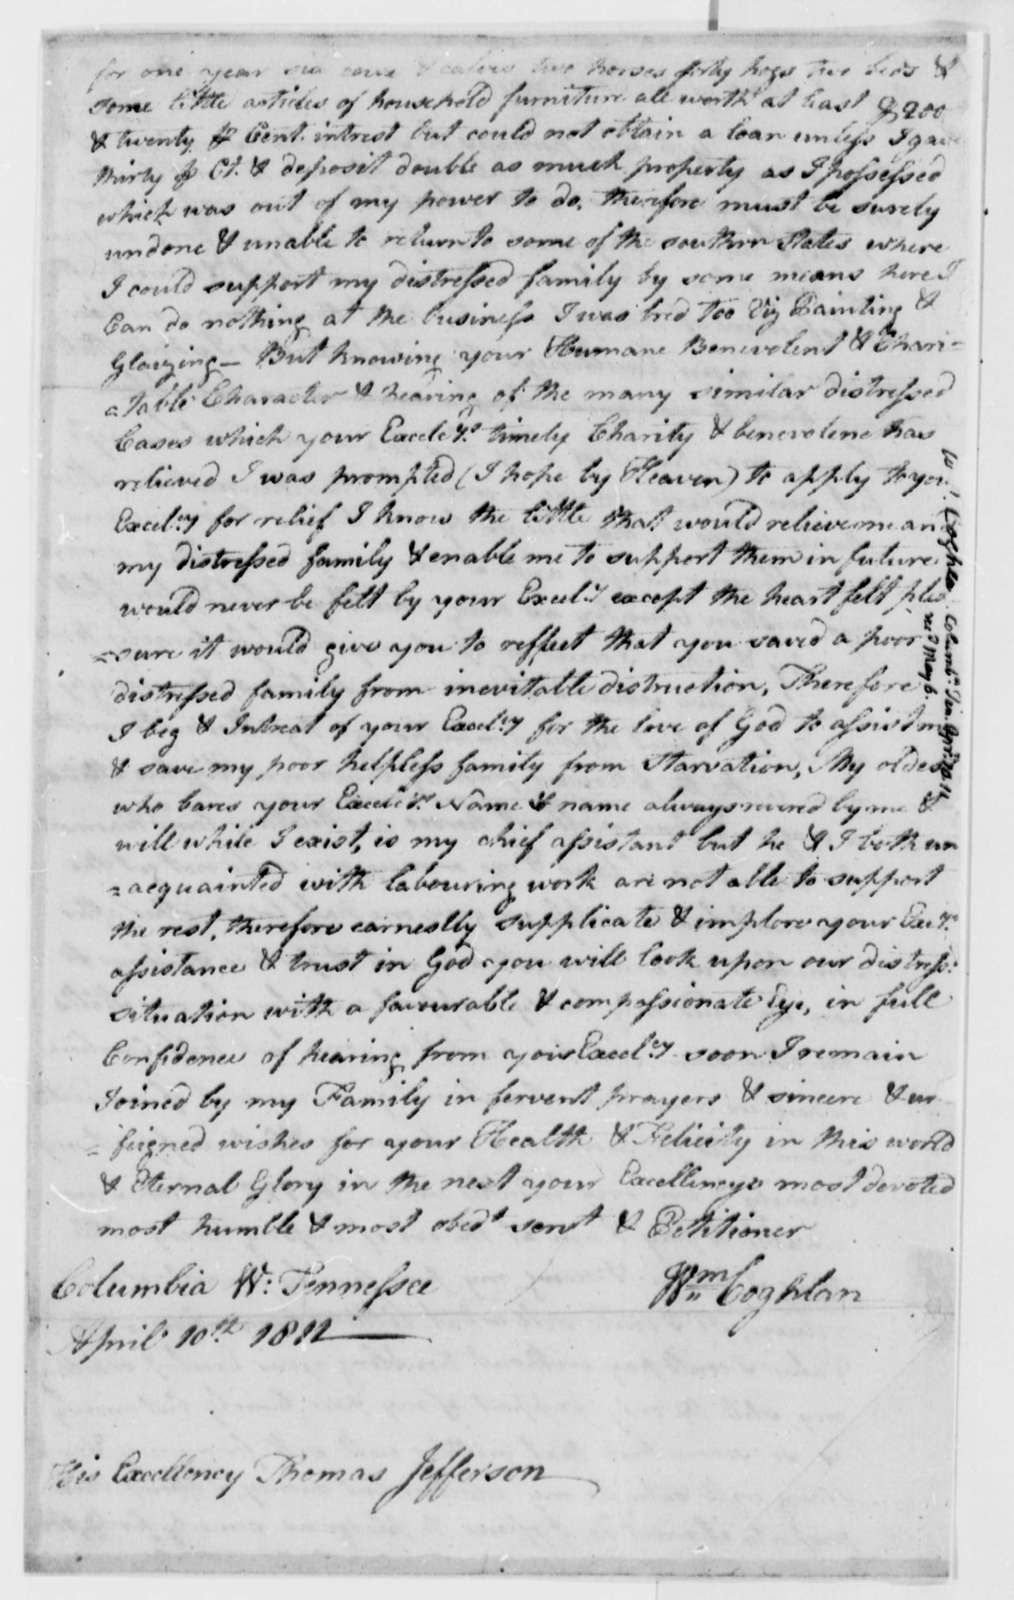 William Coghlan to Thomas Jefferson, April 10, 1812